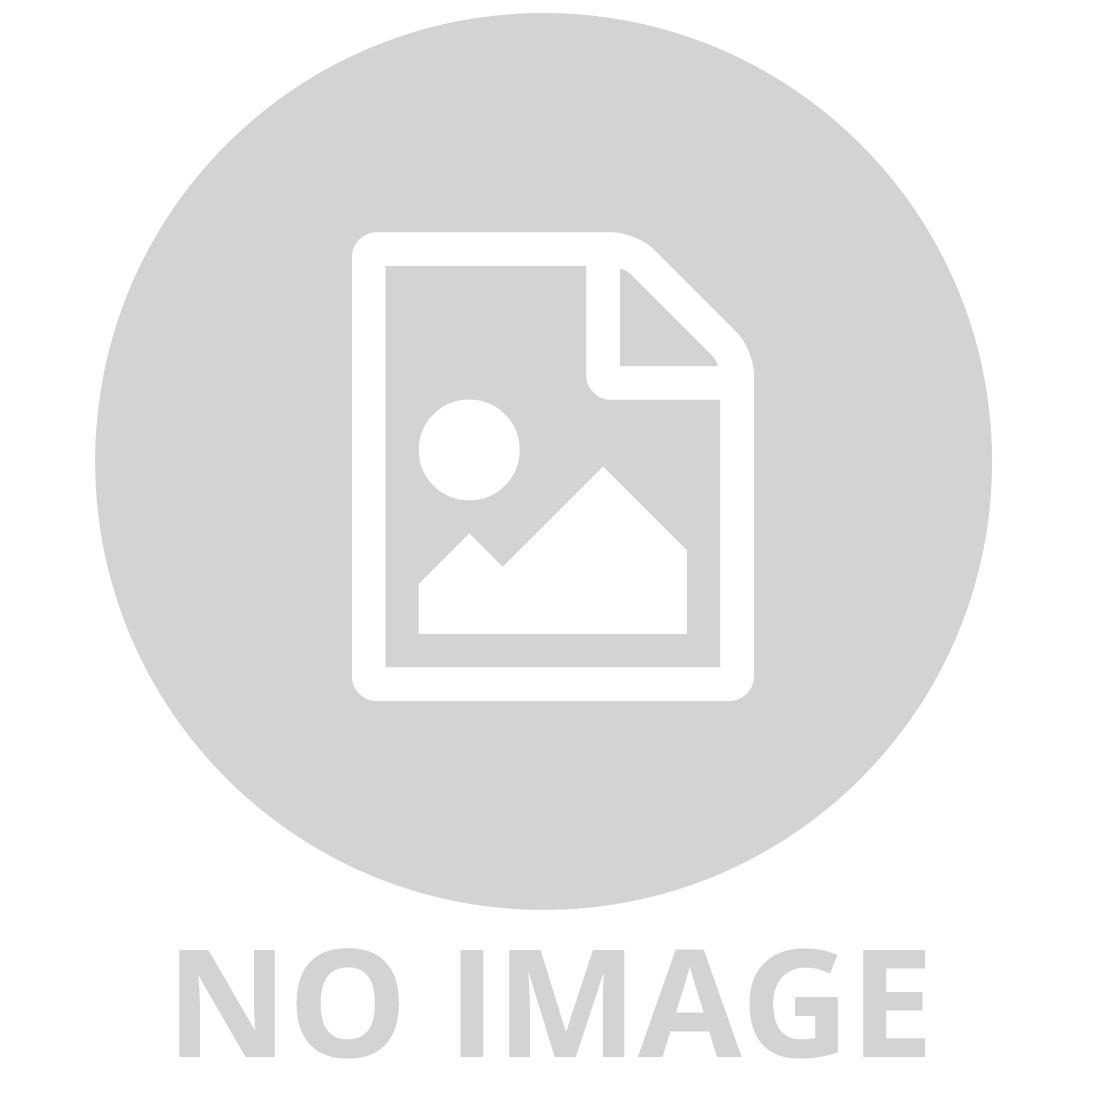 EXCLUSIVE MAGIC HAT